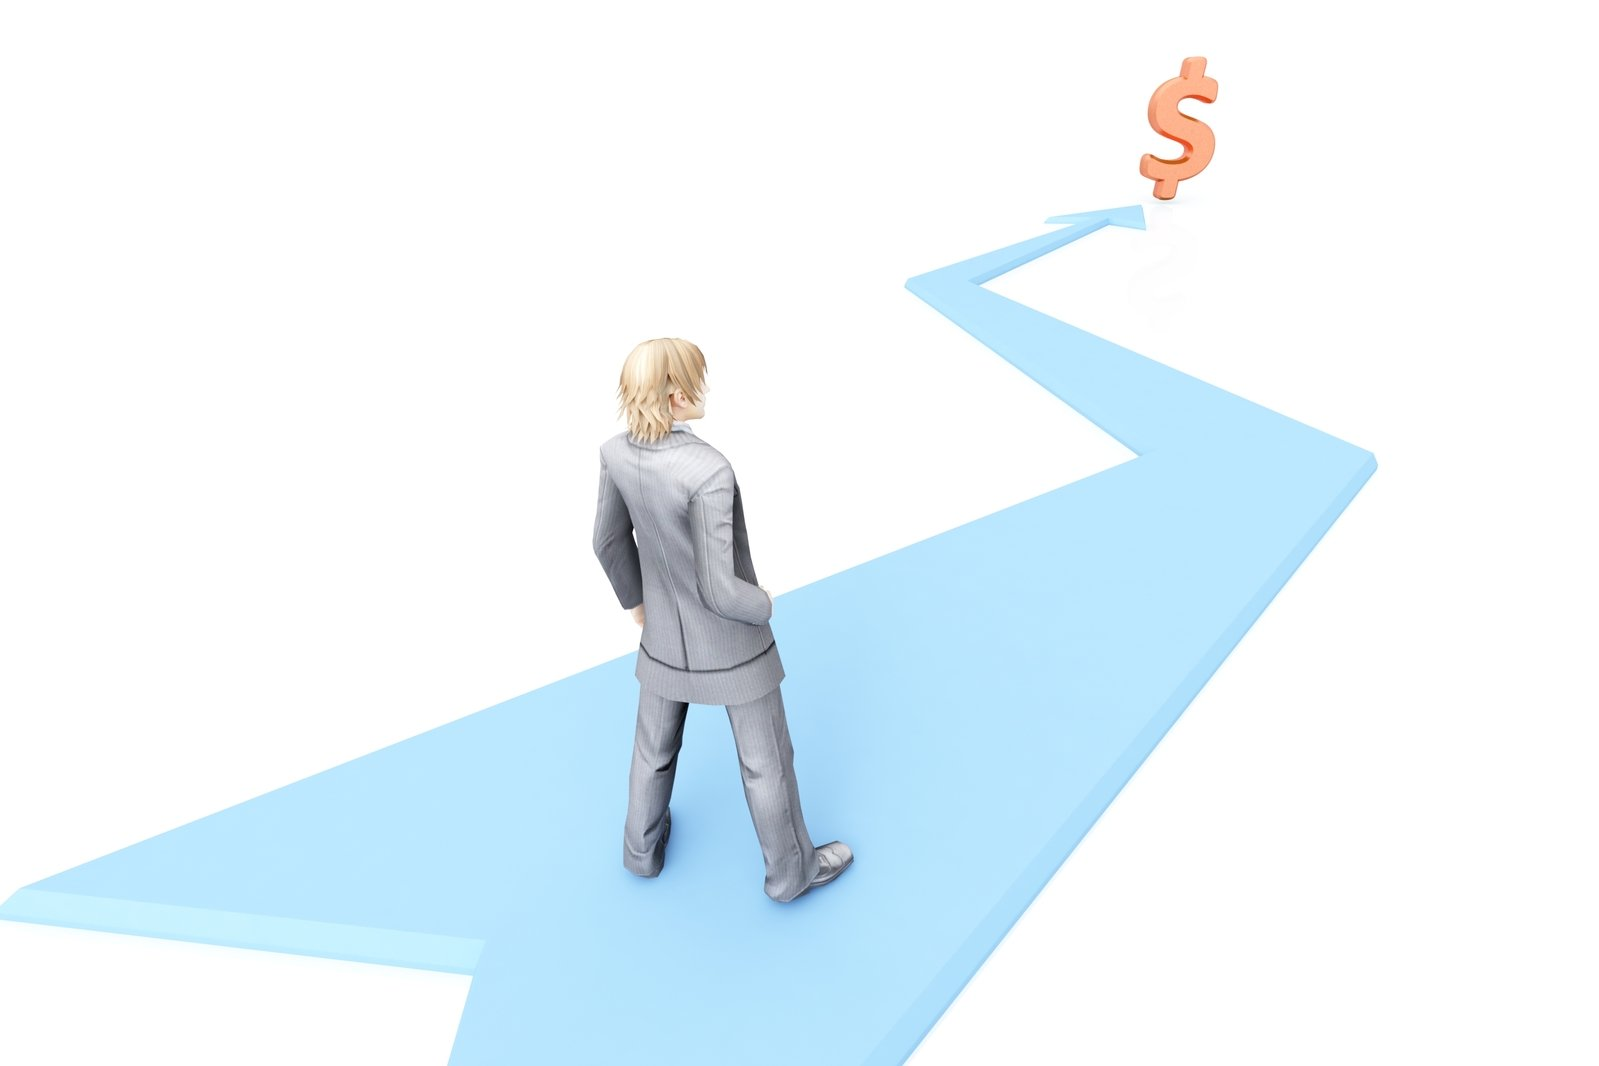 podnikatel a cesta